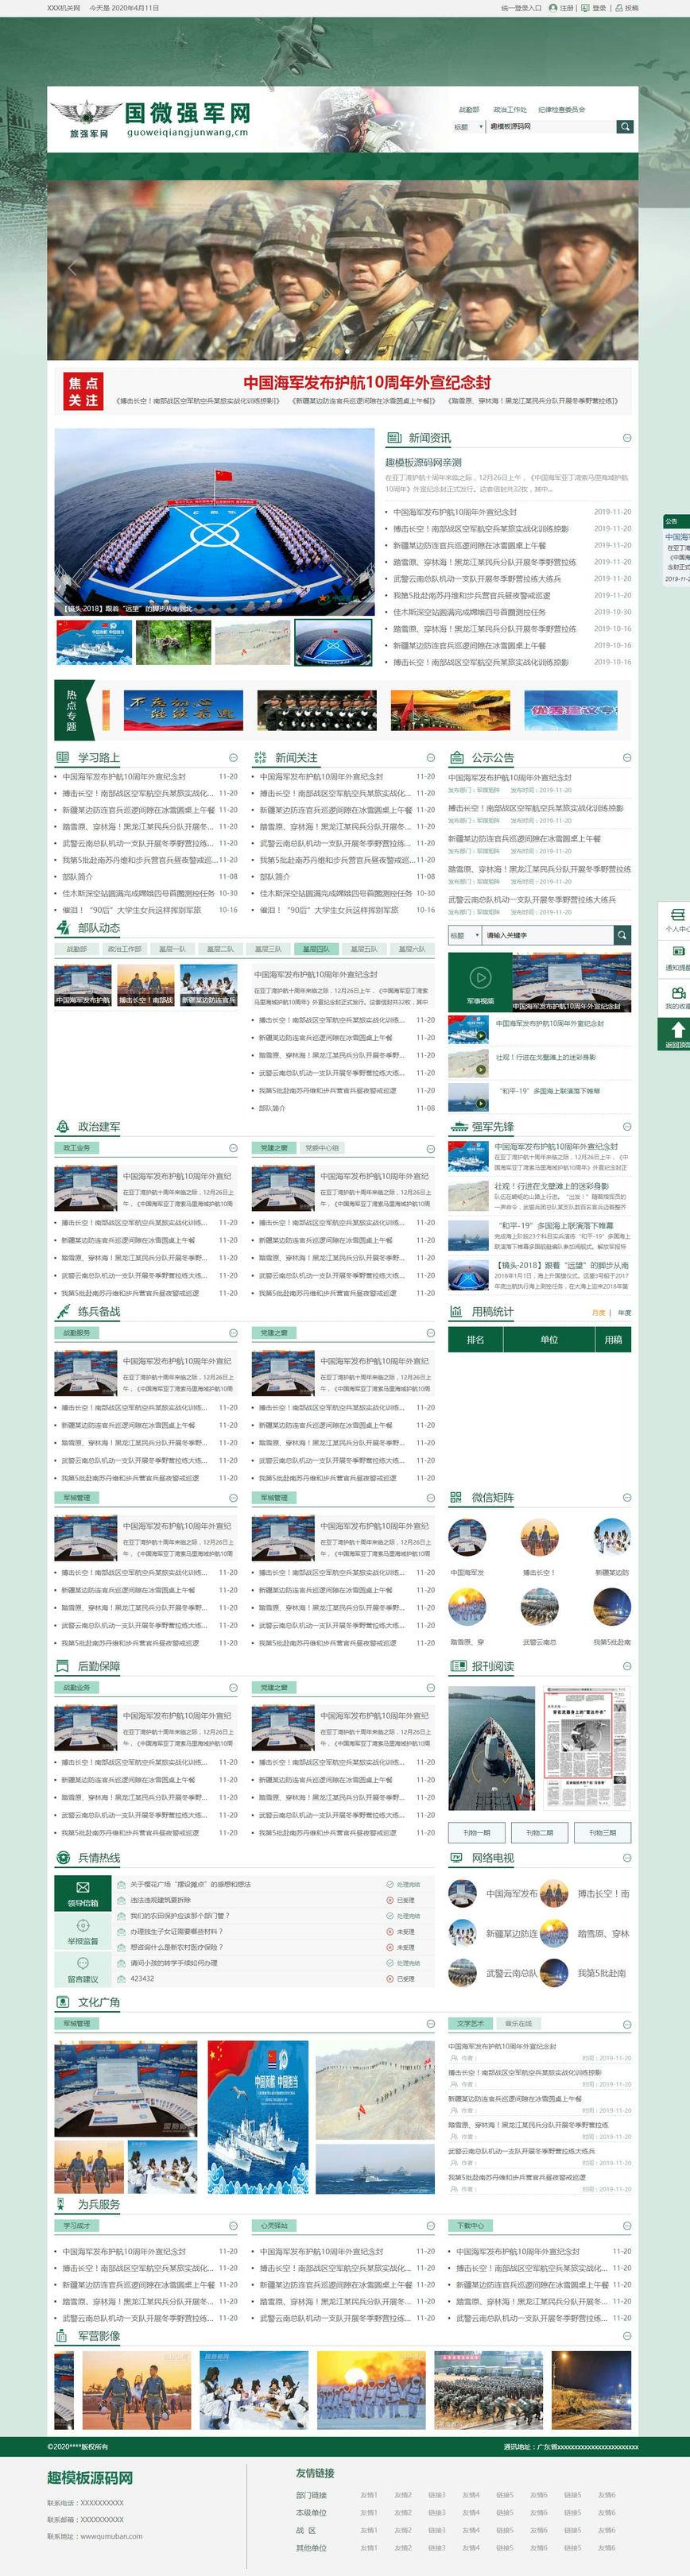 国微CMS部队门户系统(部队网站系统) v20200403版源码下载 网站源码 第1张